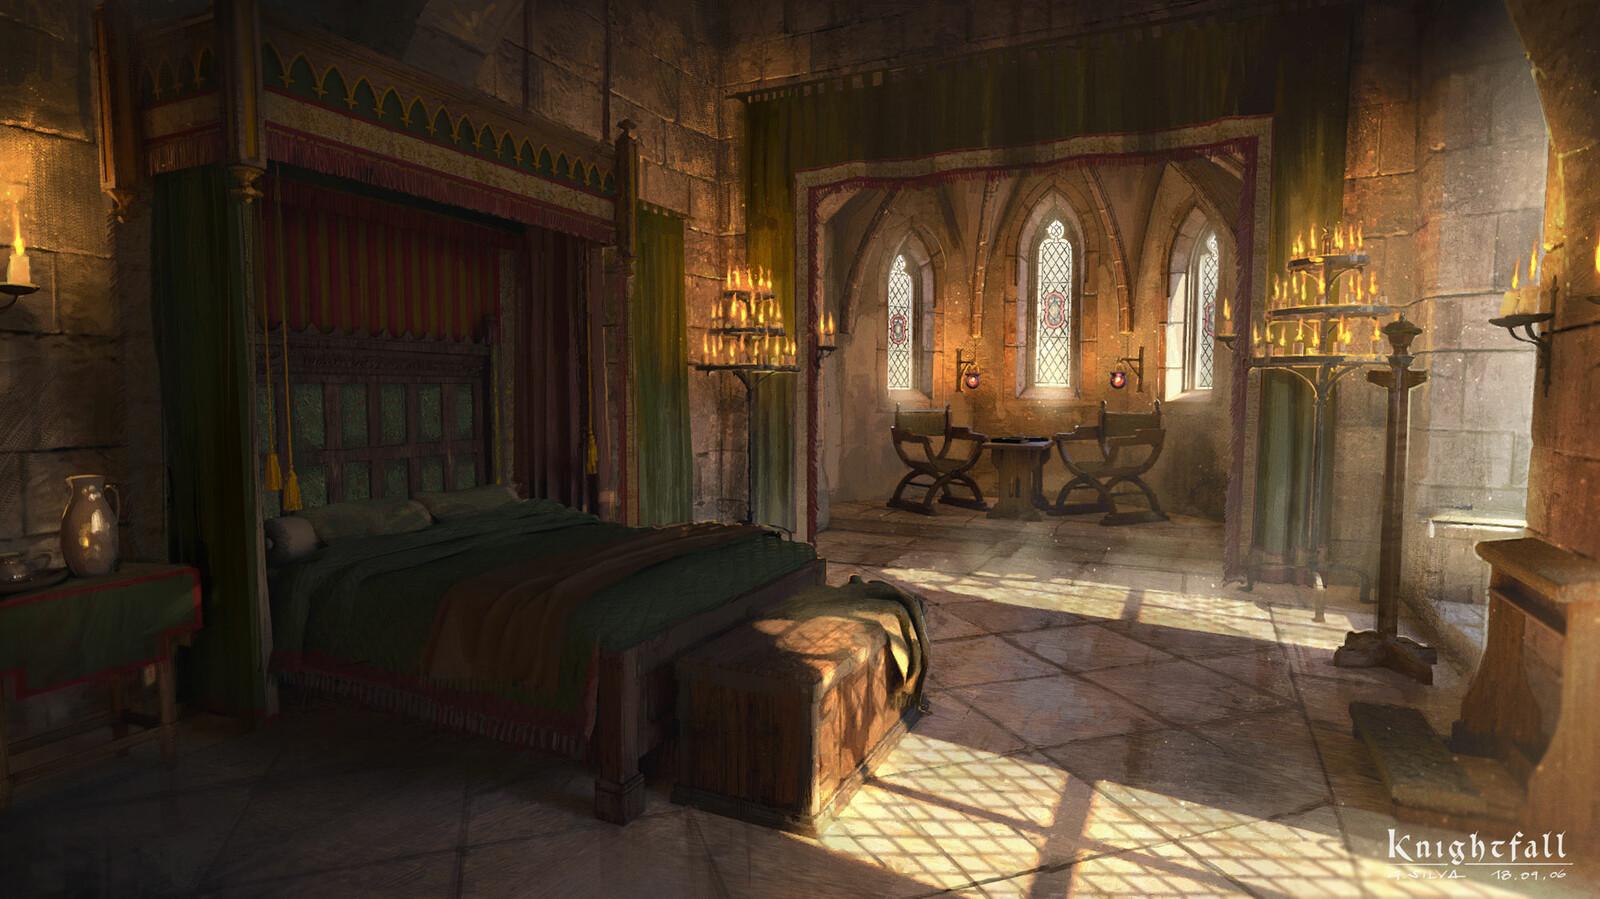 Luis's bedroom